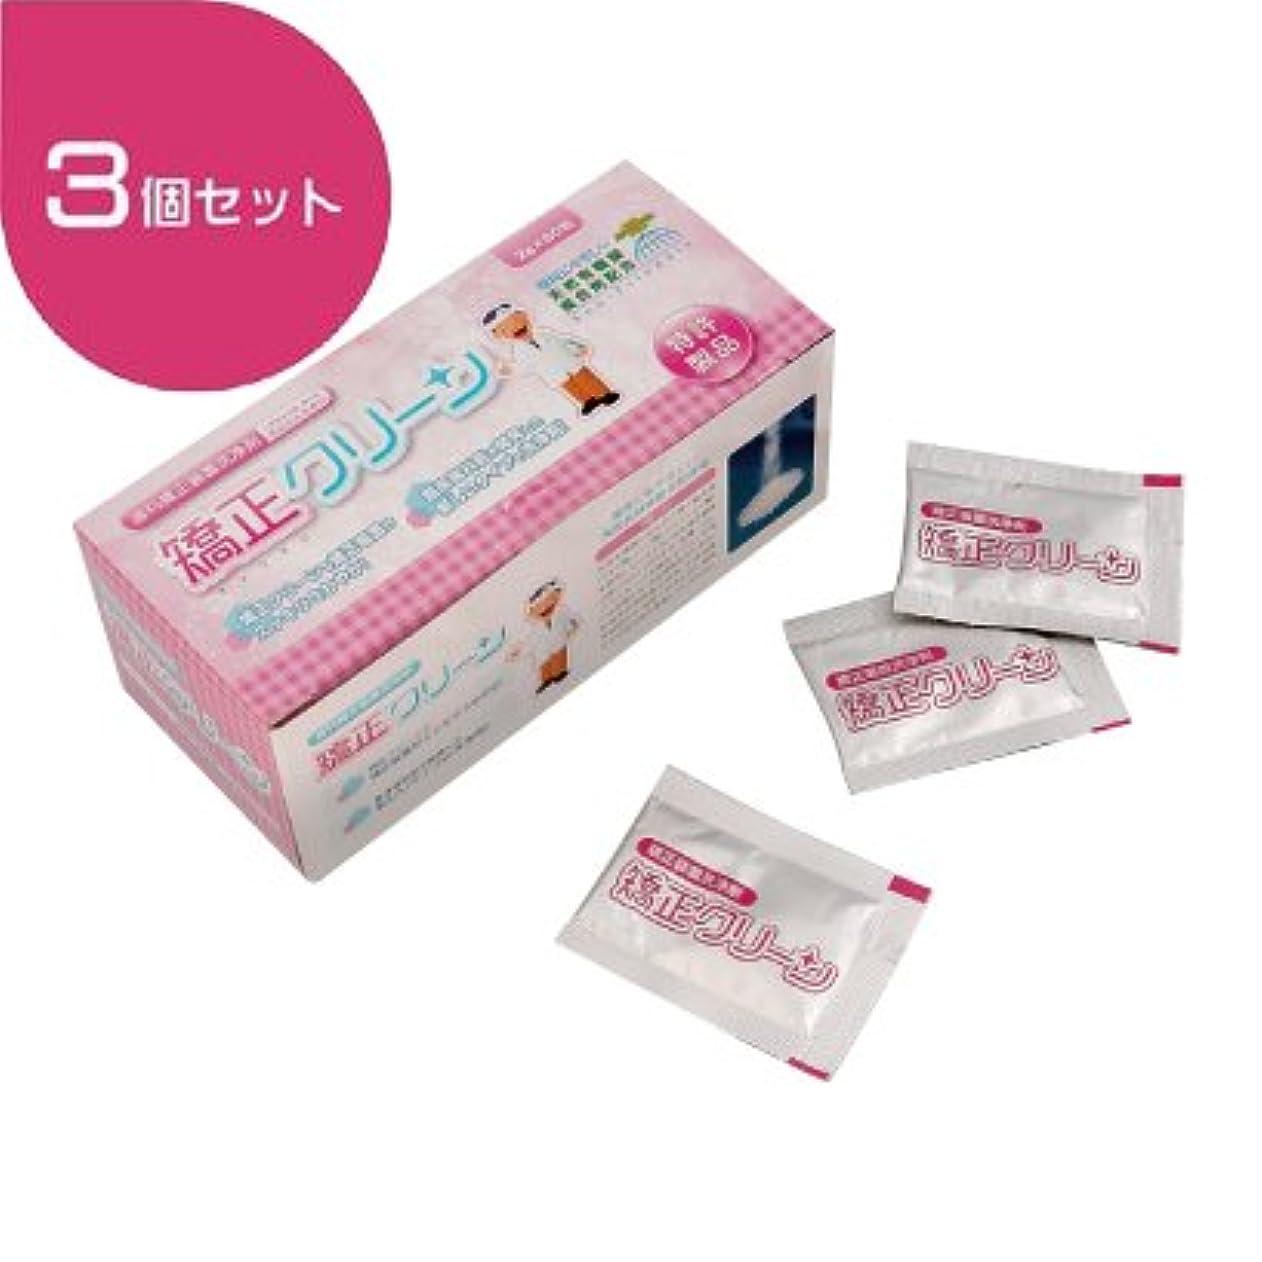 リゾートキリスト教エンジニアリング矯正クリーン 1箱(2g×60包入り) × 3個 歯科矯正装置用洗浄剤